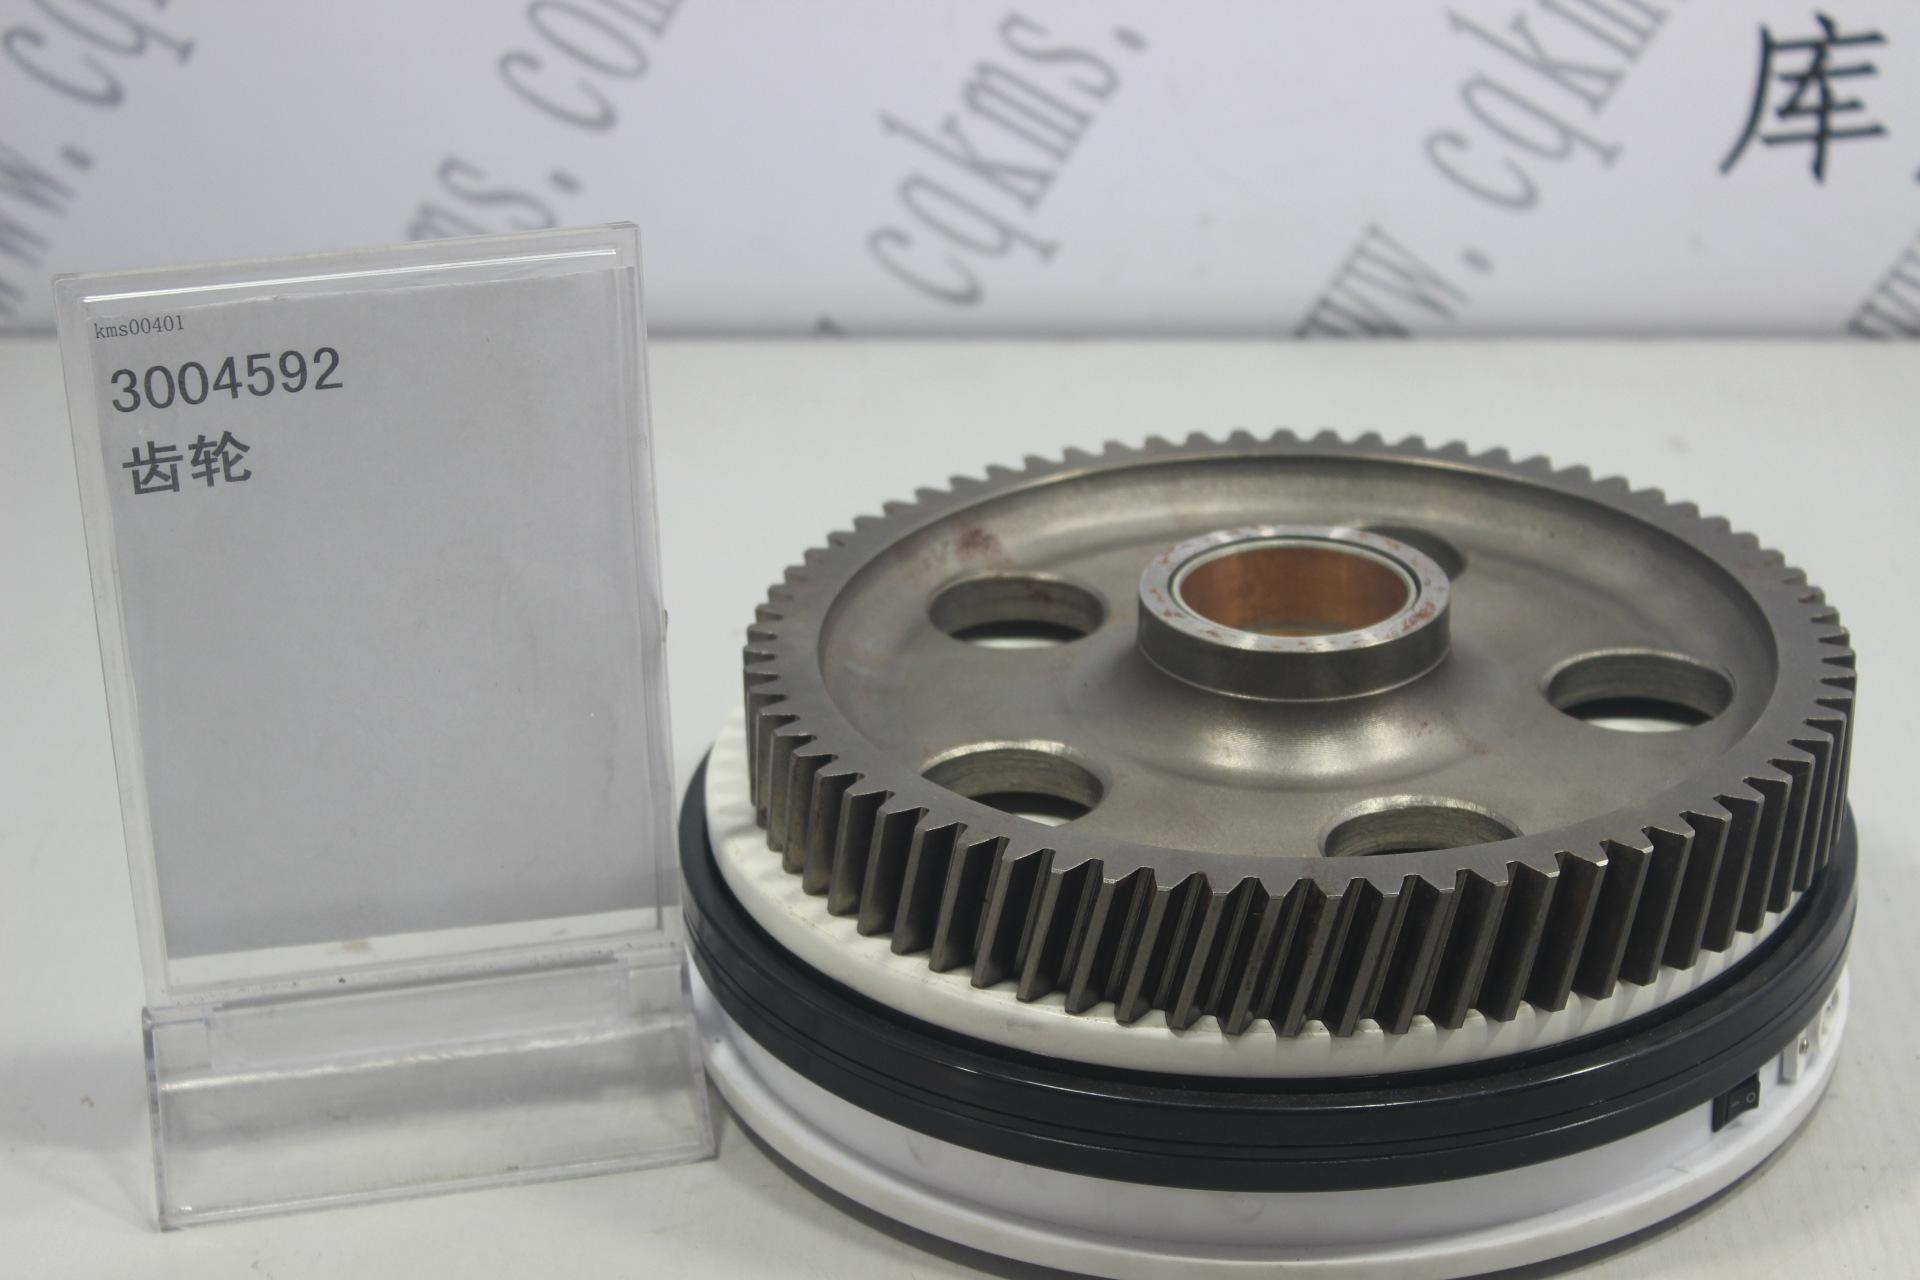 kms00401-3004592-齿轮---参考规格外径23.3高3CM-参考重量4360-4360图片4